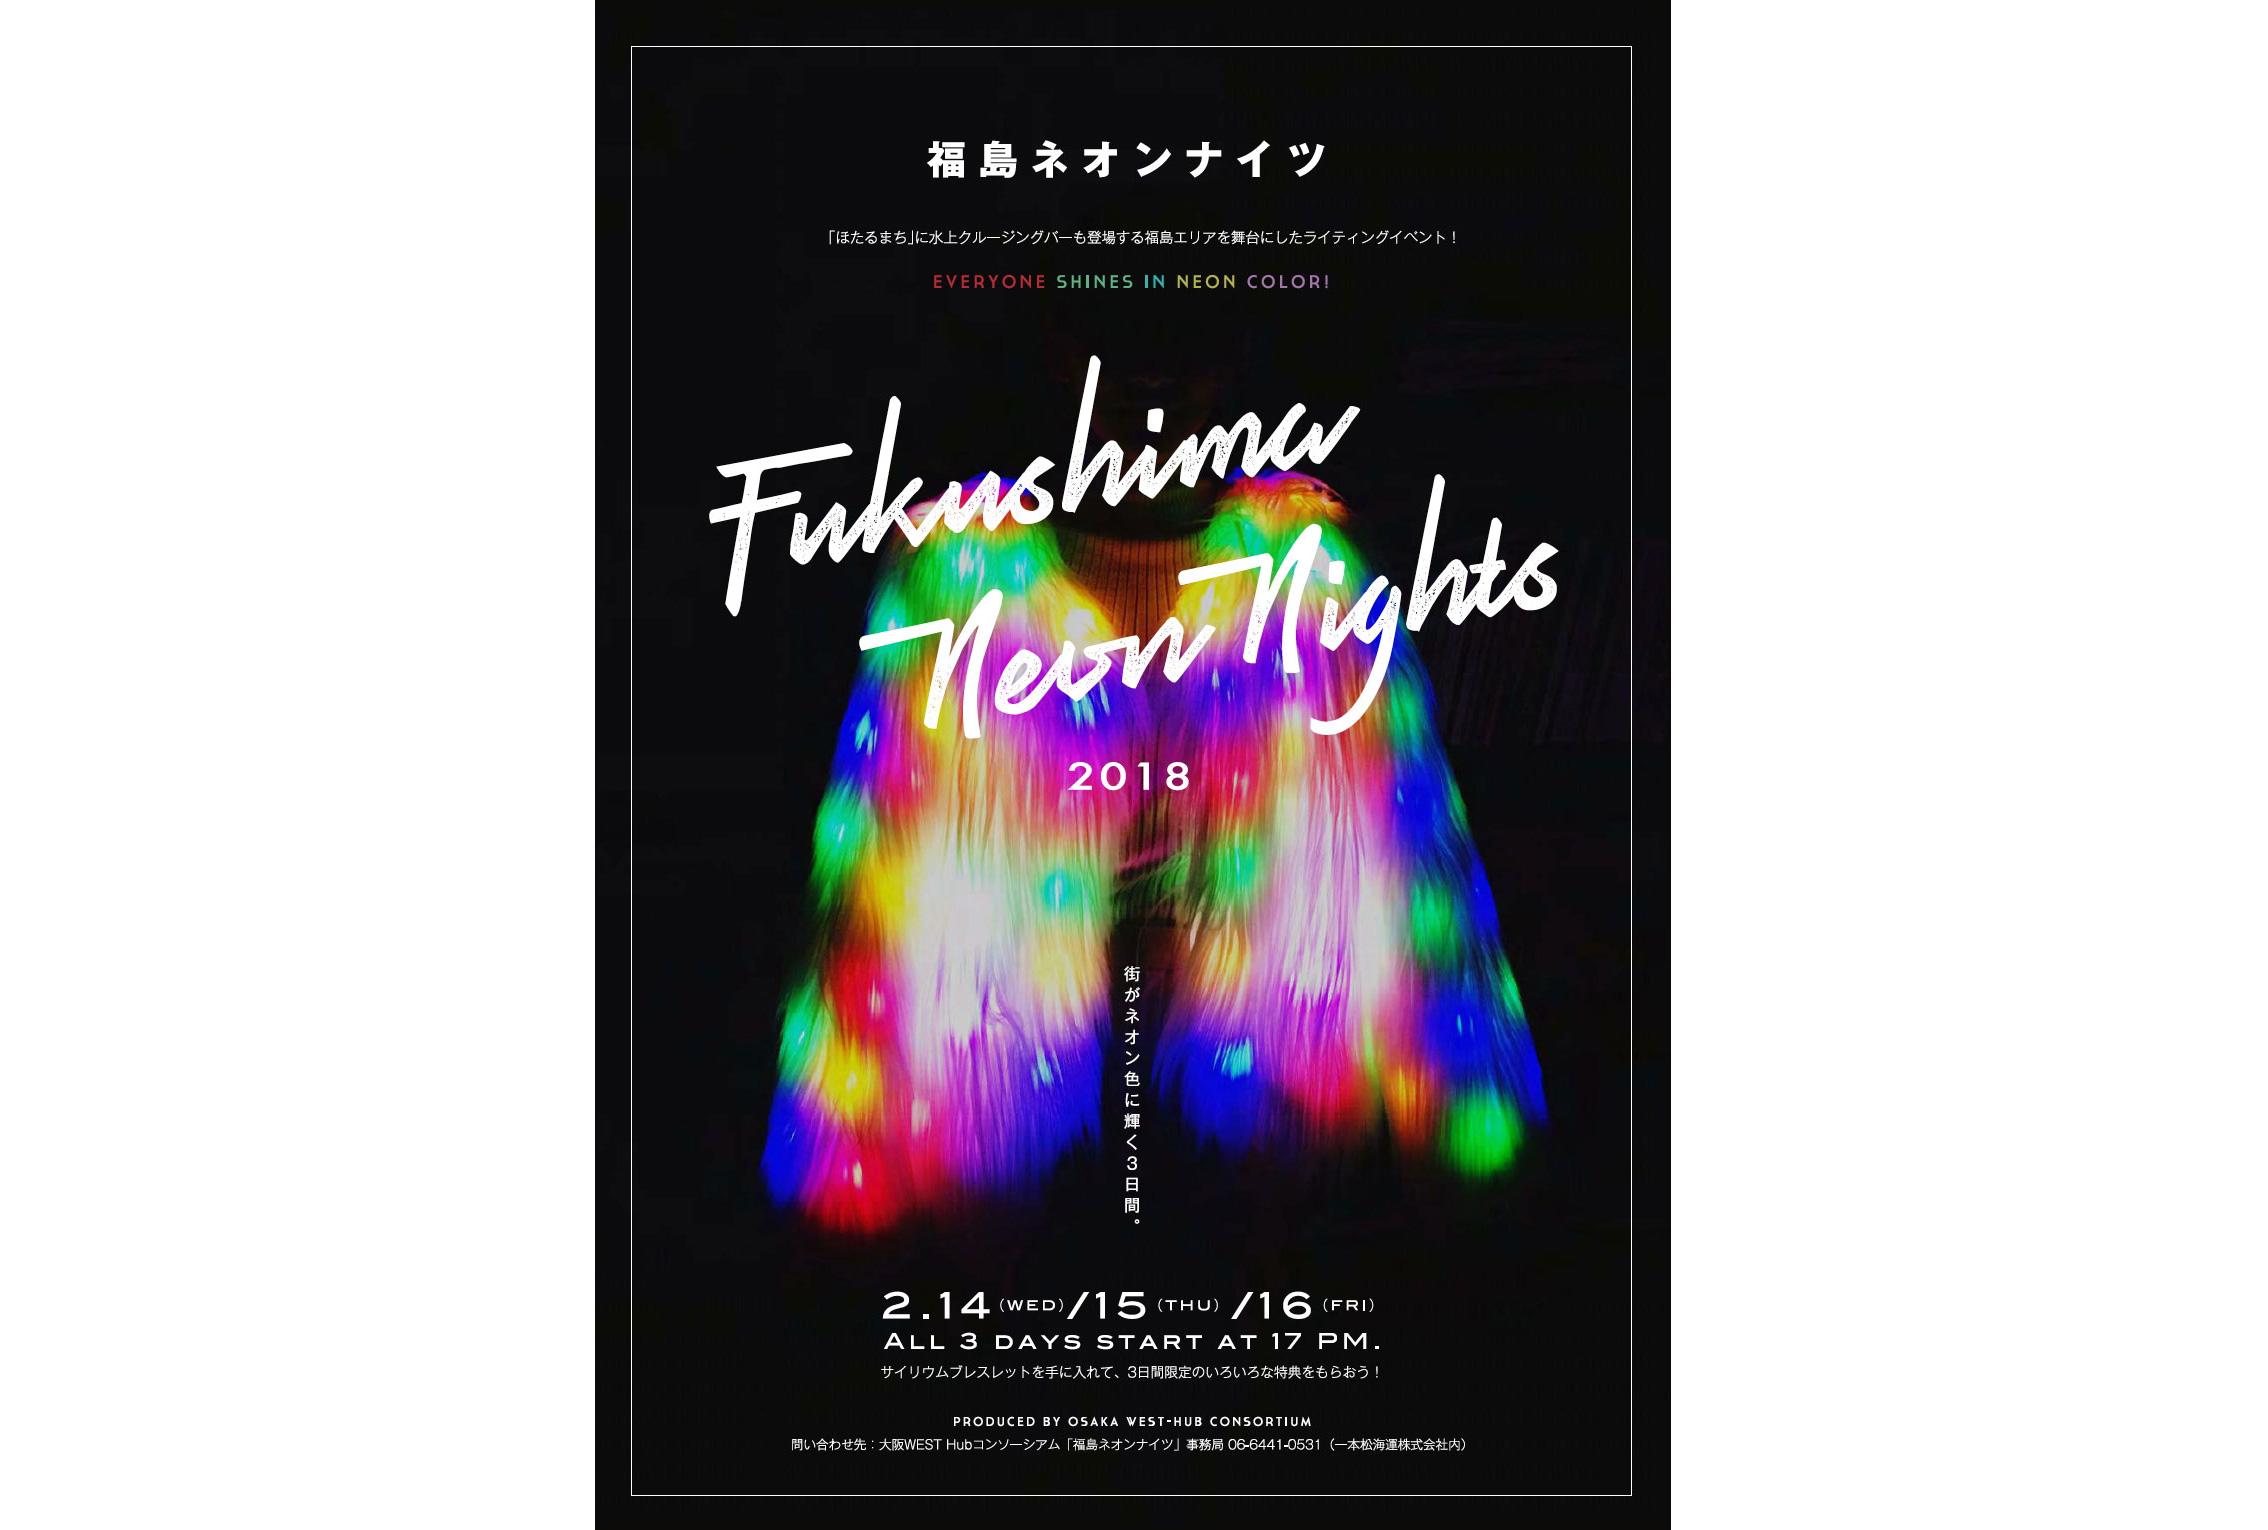 大阪・福島で初開催される『福島ネオンナイツ2018』のポスター